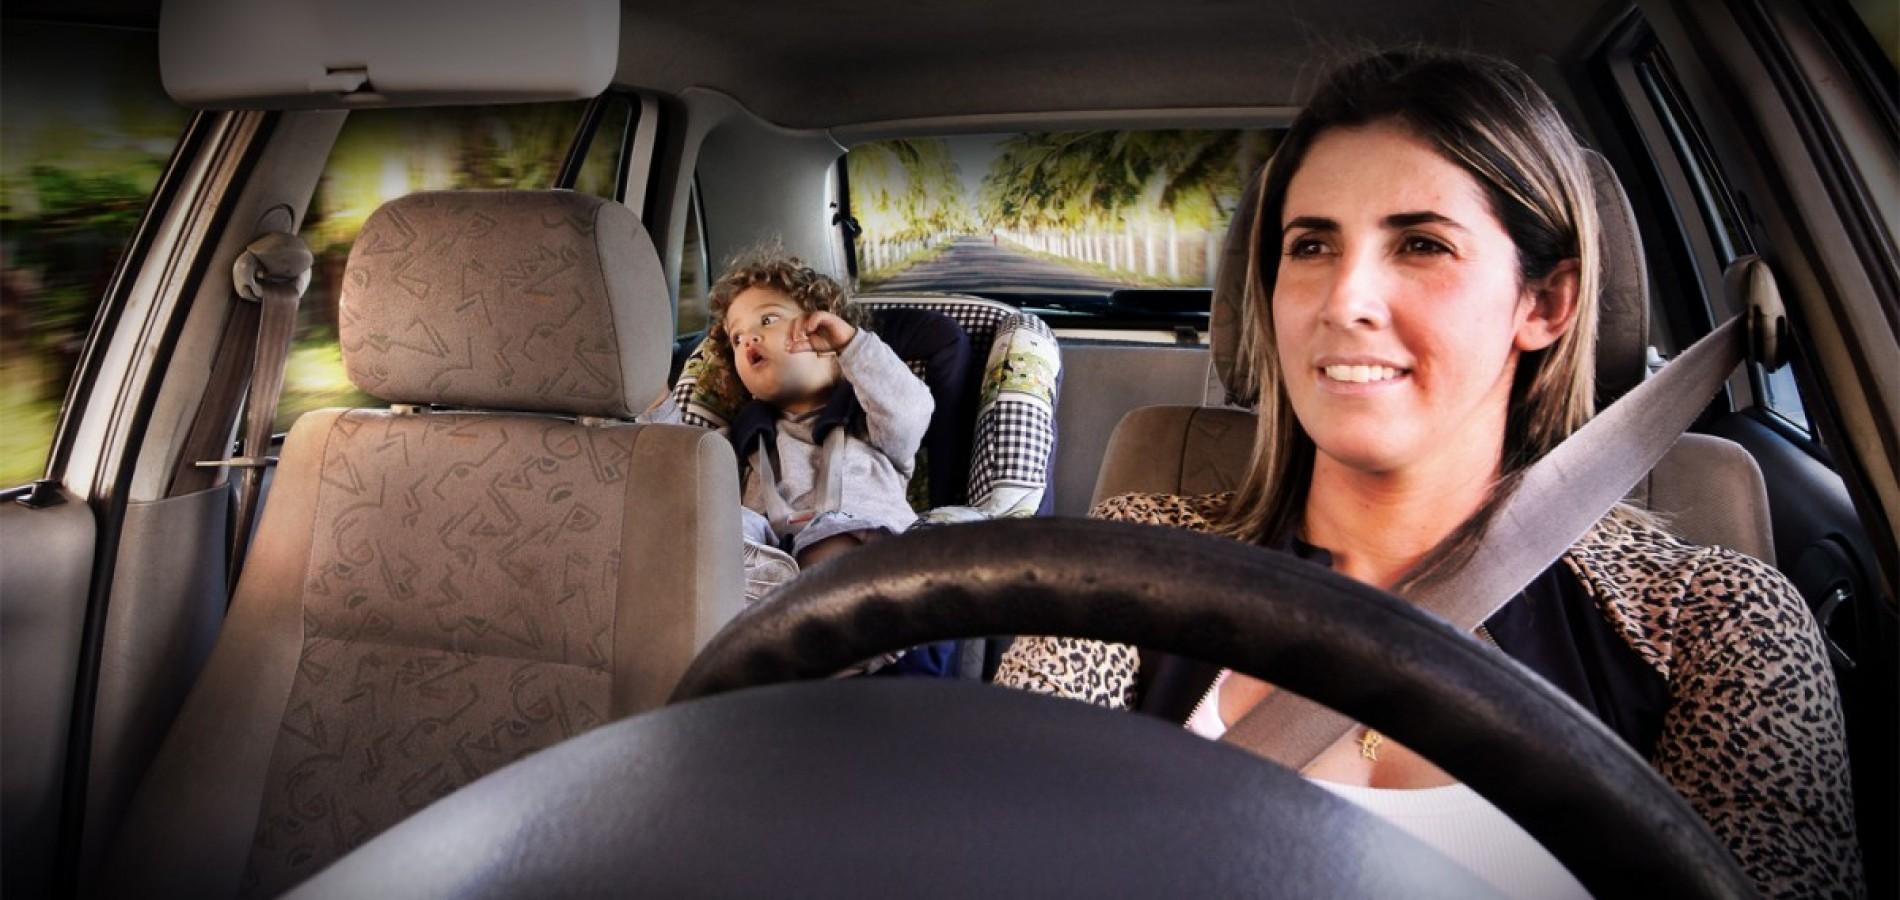 Detran revela que as mulheres são mais prudentes no trânsito